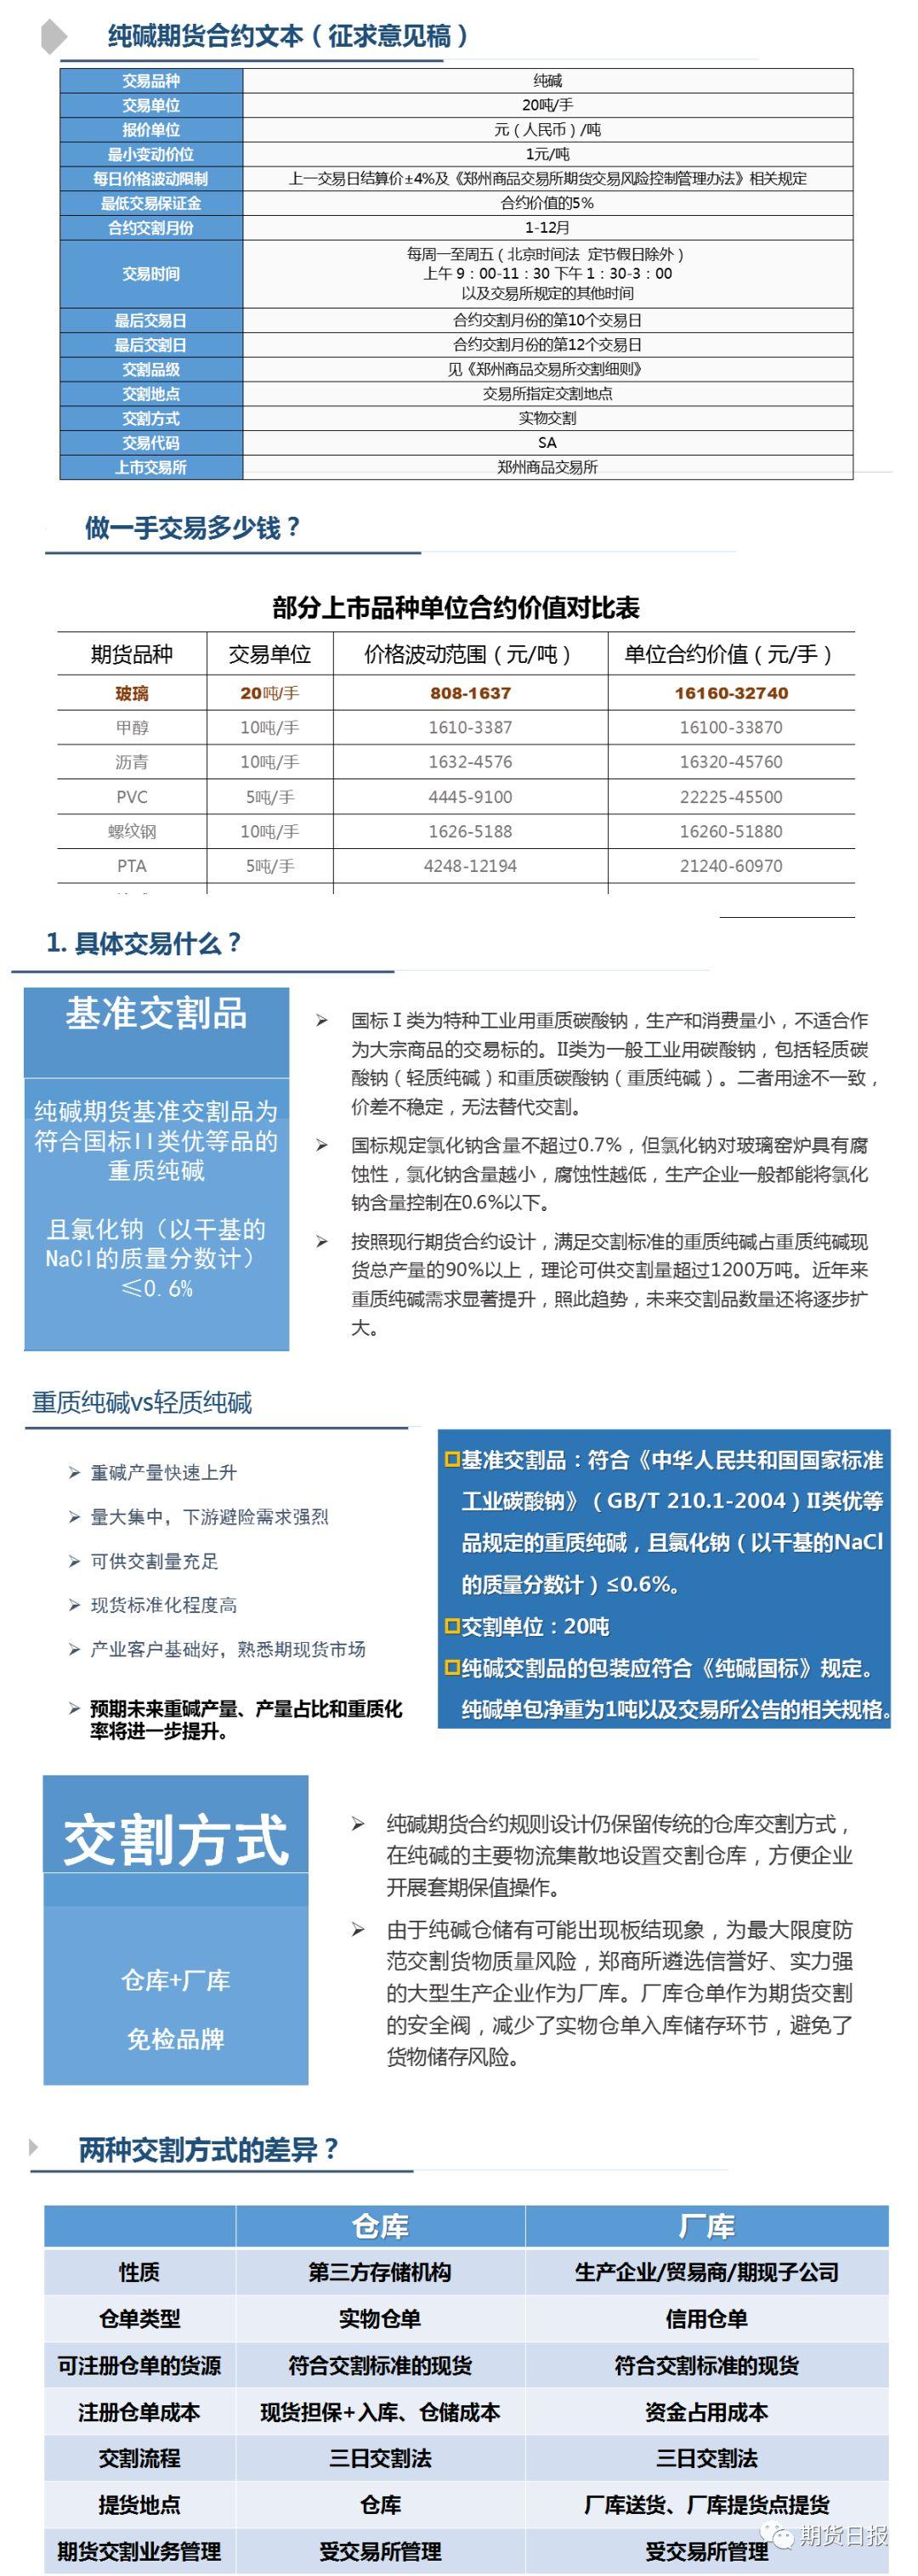 """365bet赌城网上充值·""""中国梦?新时代?祖国颂""""百姓宣讲团走进福山"""